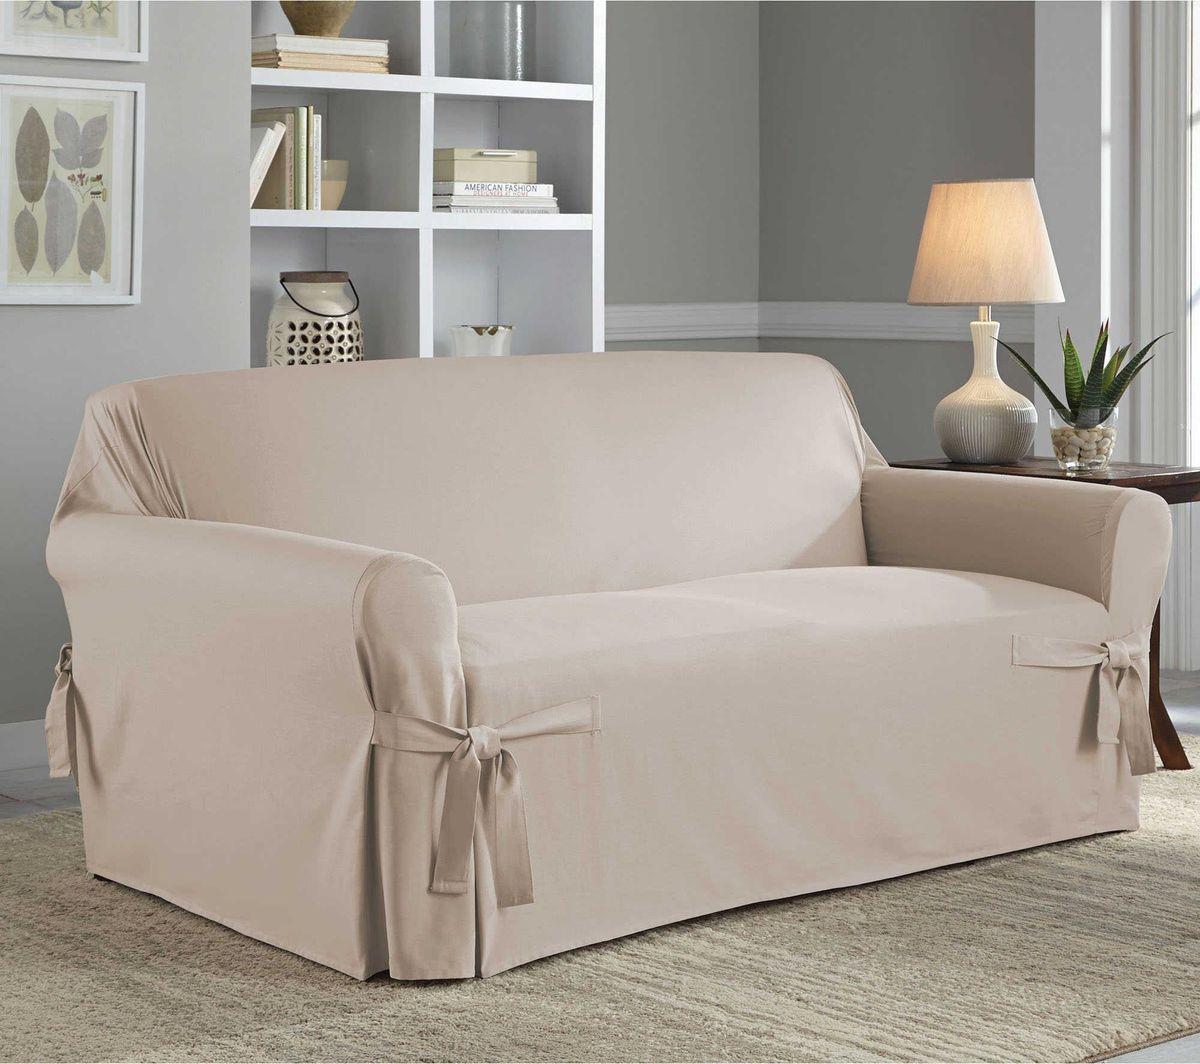 Чехол на диван Медежда Брайтон, трехместный, цвет: бежевый1403011203000Чехол на трехместный диван «Брайтон» легко гармонирует почти со всеми палитрами цвета и любым типом интерьера. Классический чехол из хлопка, не эластичен, но хорошо принимает форму дивана, идеально подходит для диванов с шириной спинки от 185 до 235 см.